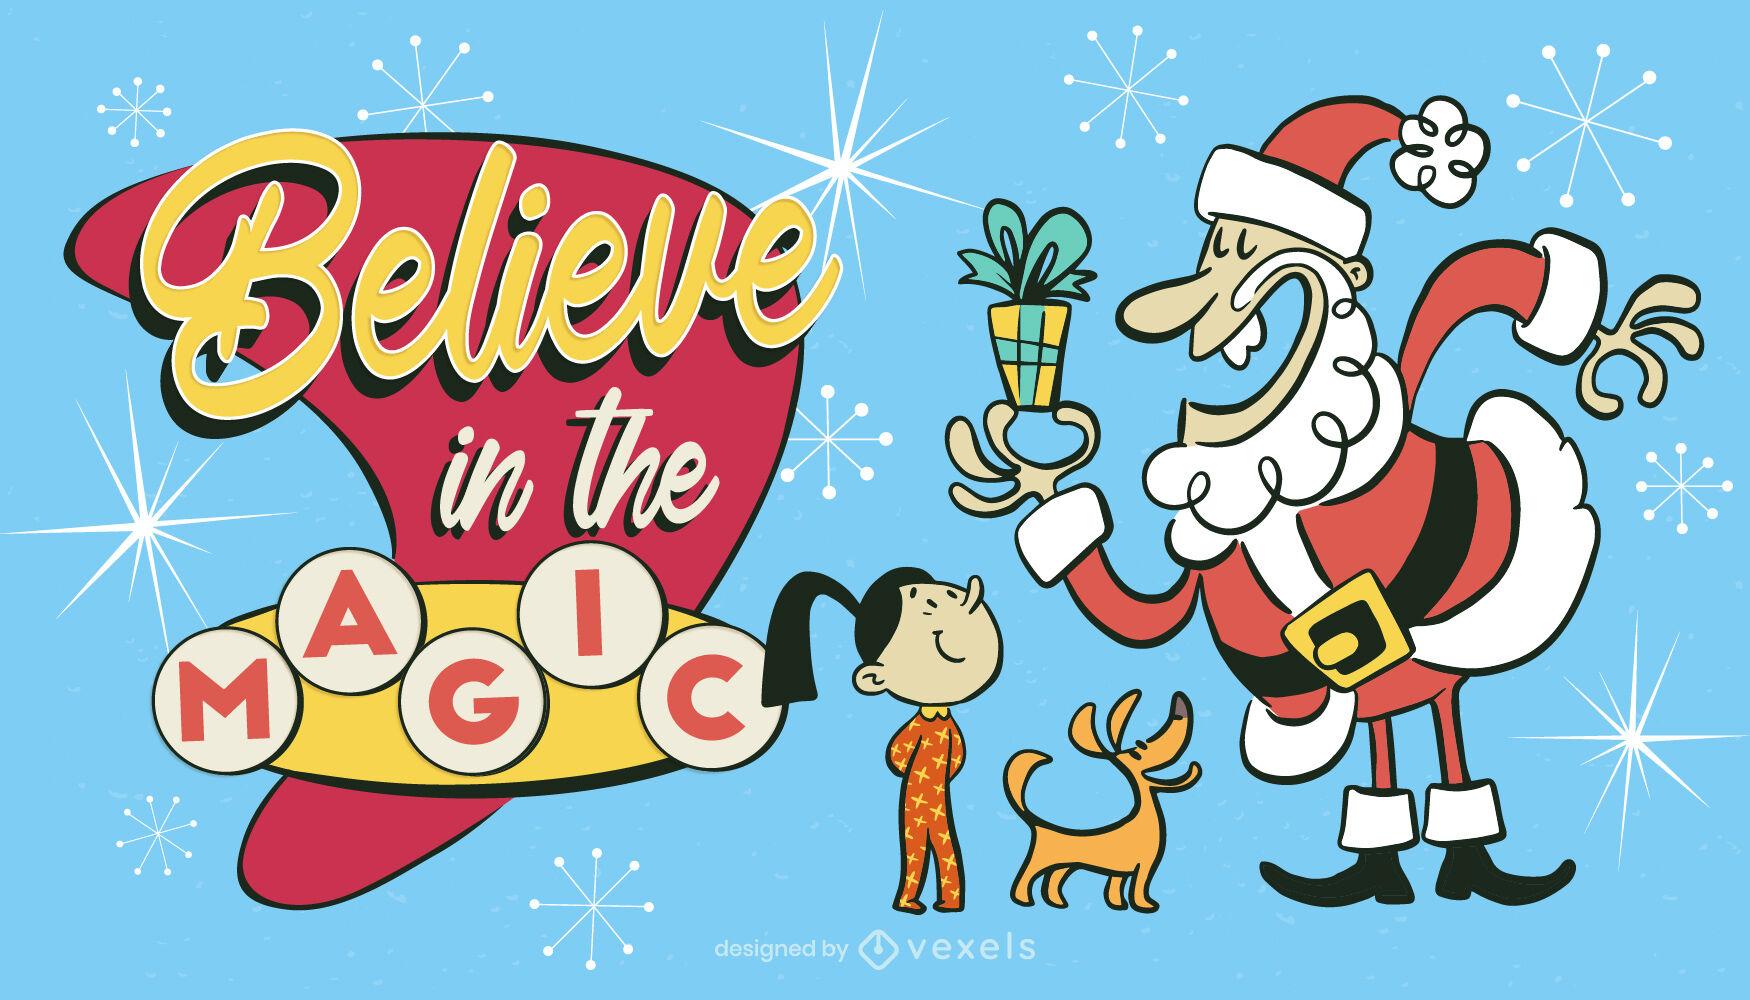 Weihnachtsmann Retro-Weihnachtsillustration